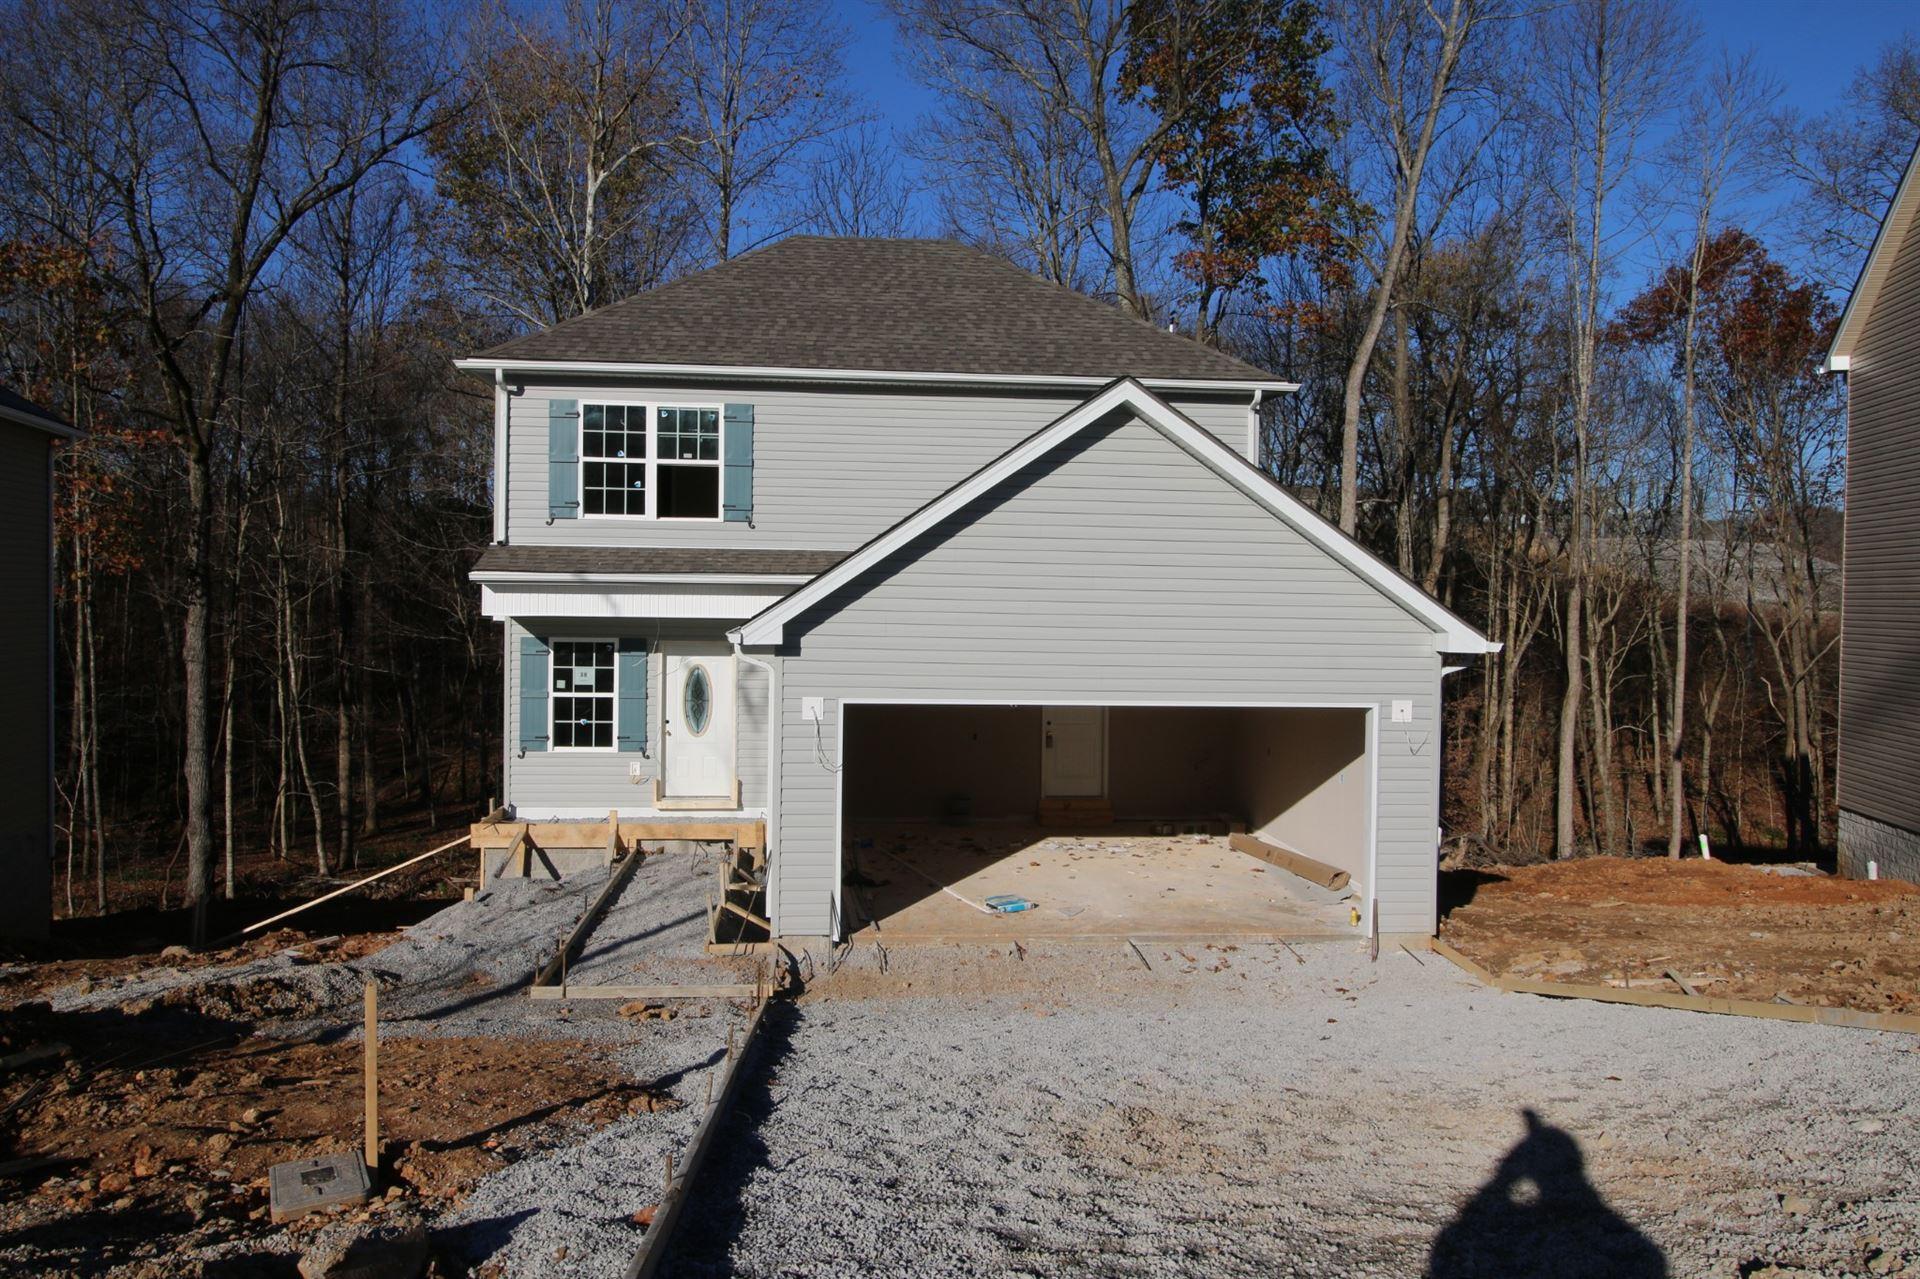 38 Chalet Hills, Clarksville, TN 37040 - MLS#: 2187369